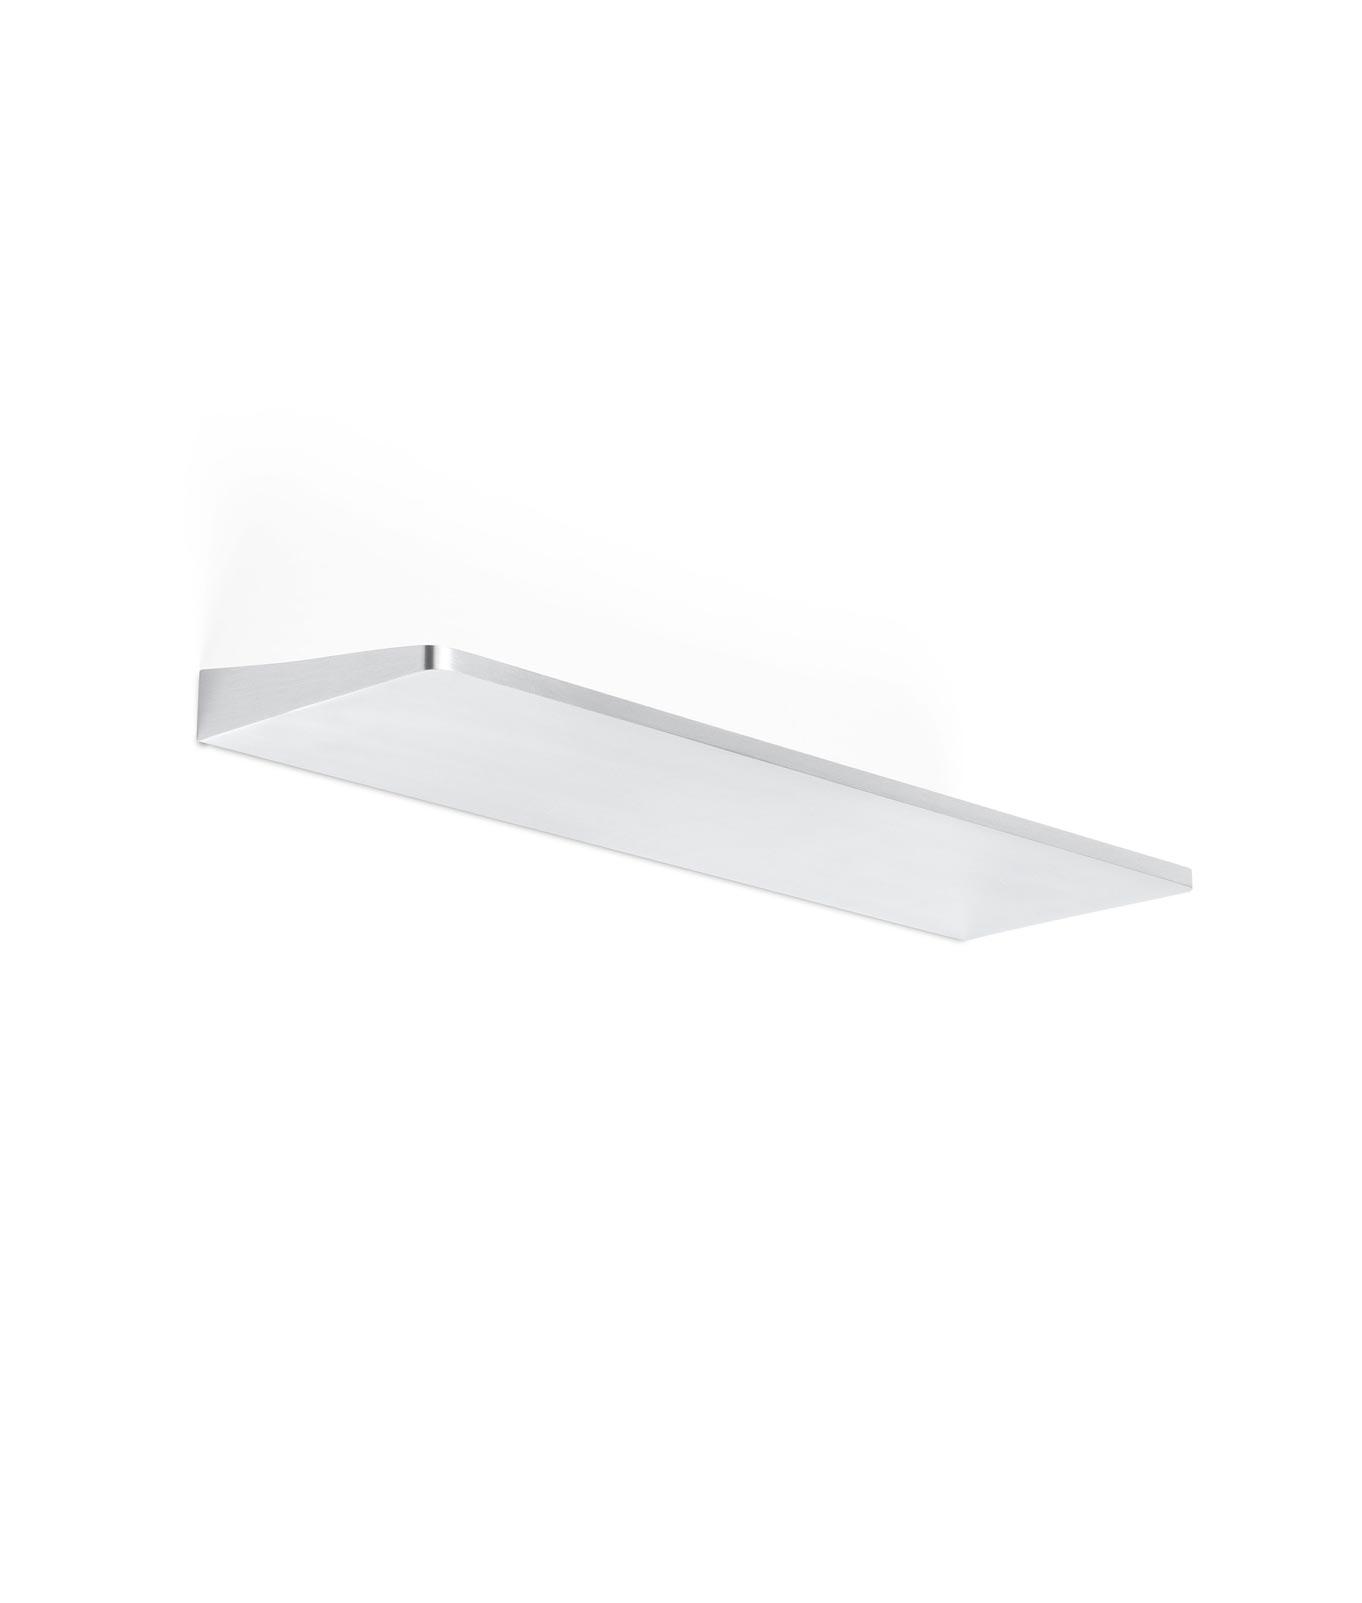 Aplique baño minimalista LINE LED detalle